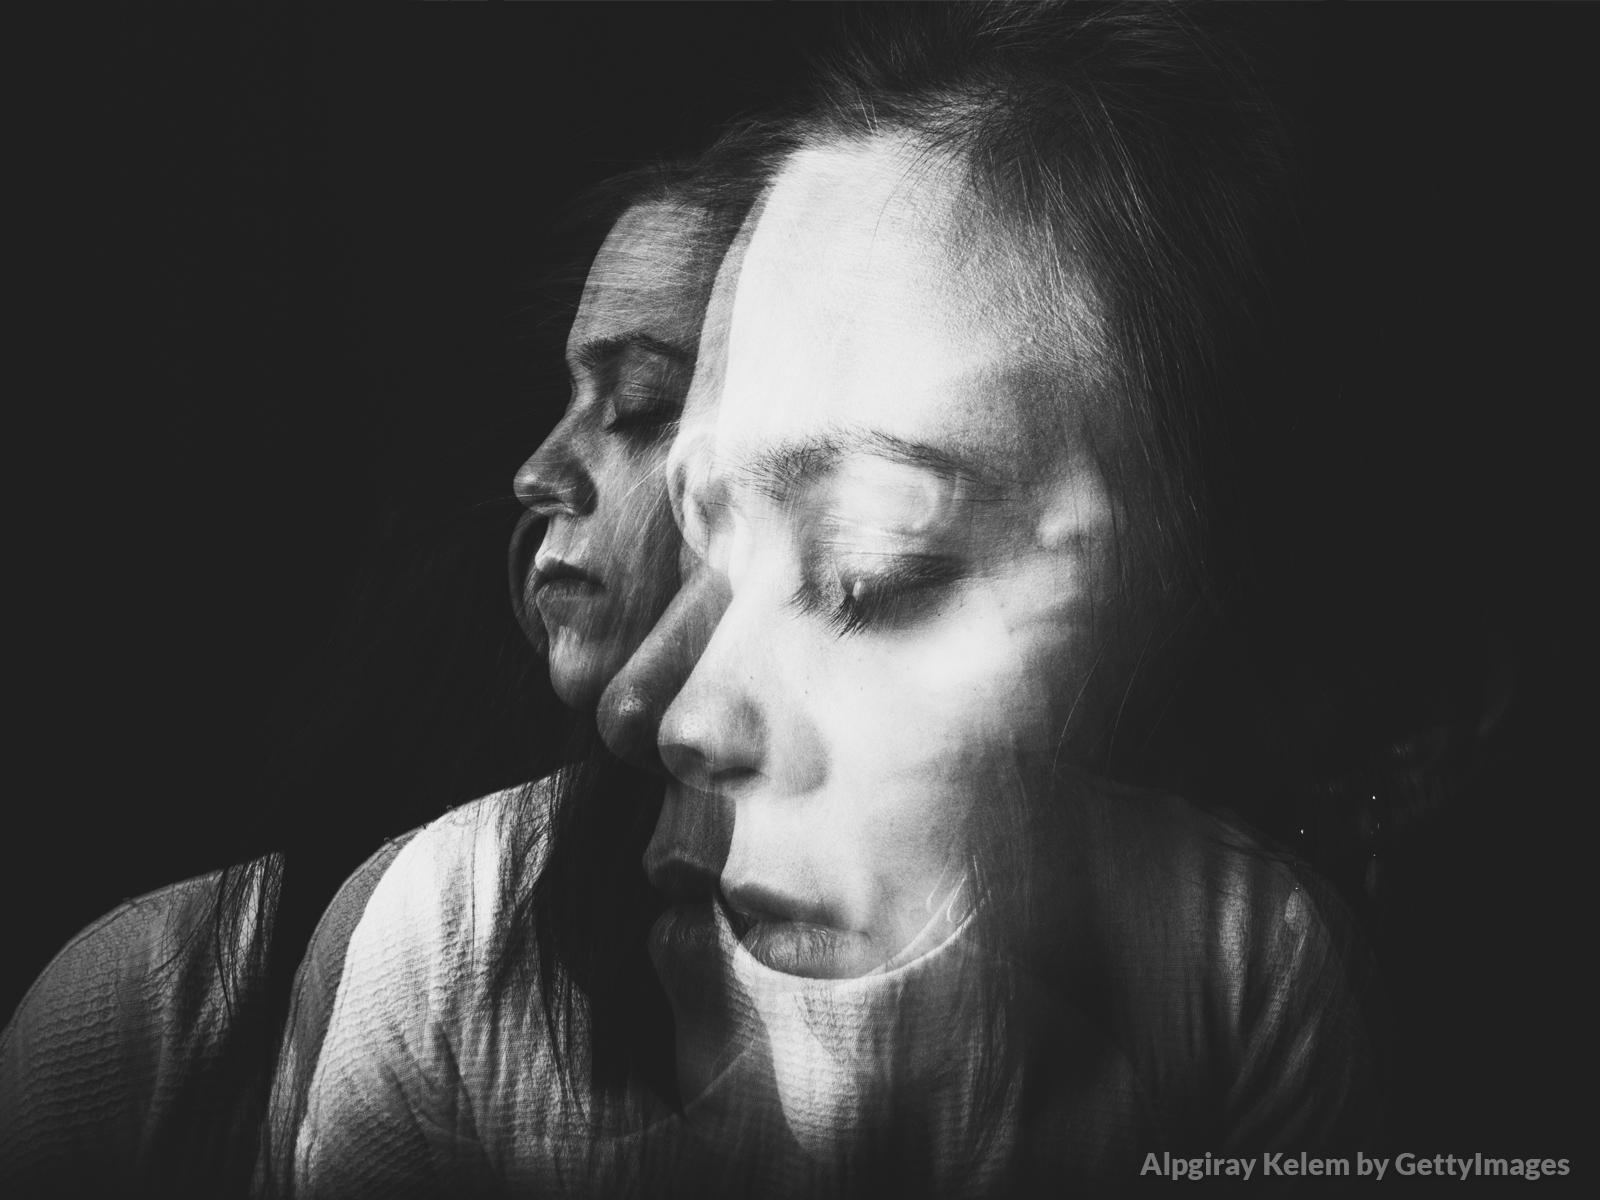 Como ajudar uma pessoa portadora de transtorno bipolar